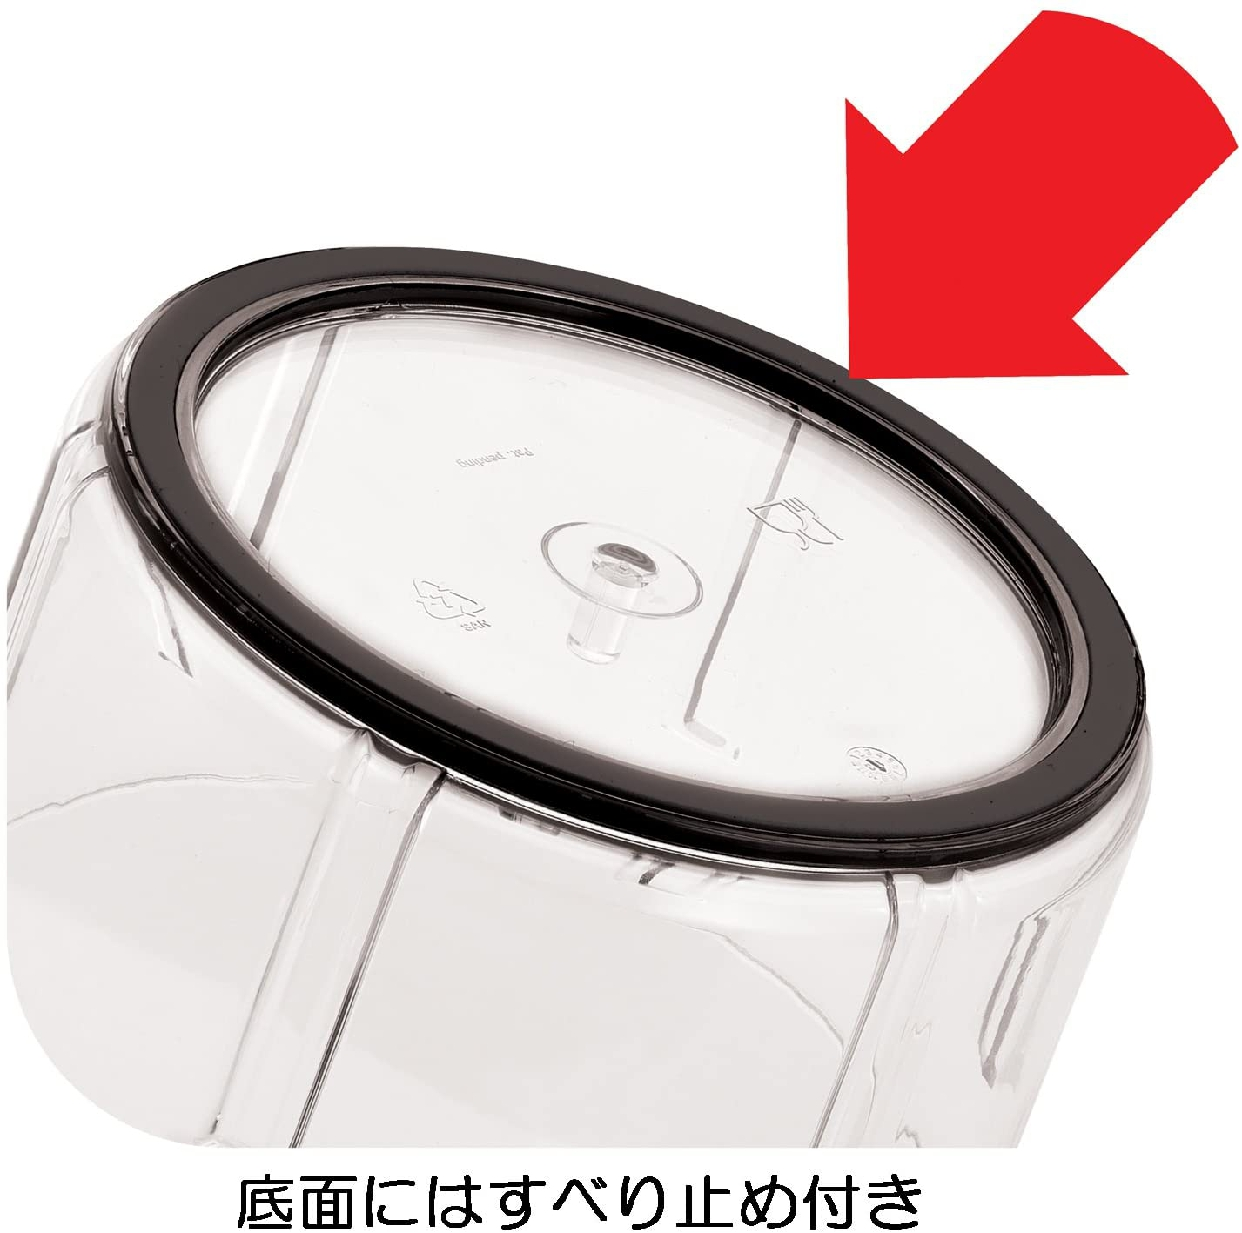 T-fal(ティファール) マルチみじん切り器「ハンディチョッパー・ネオ」 500ml K13704 ホワイトの商品画像2